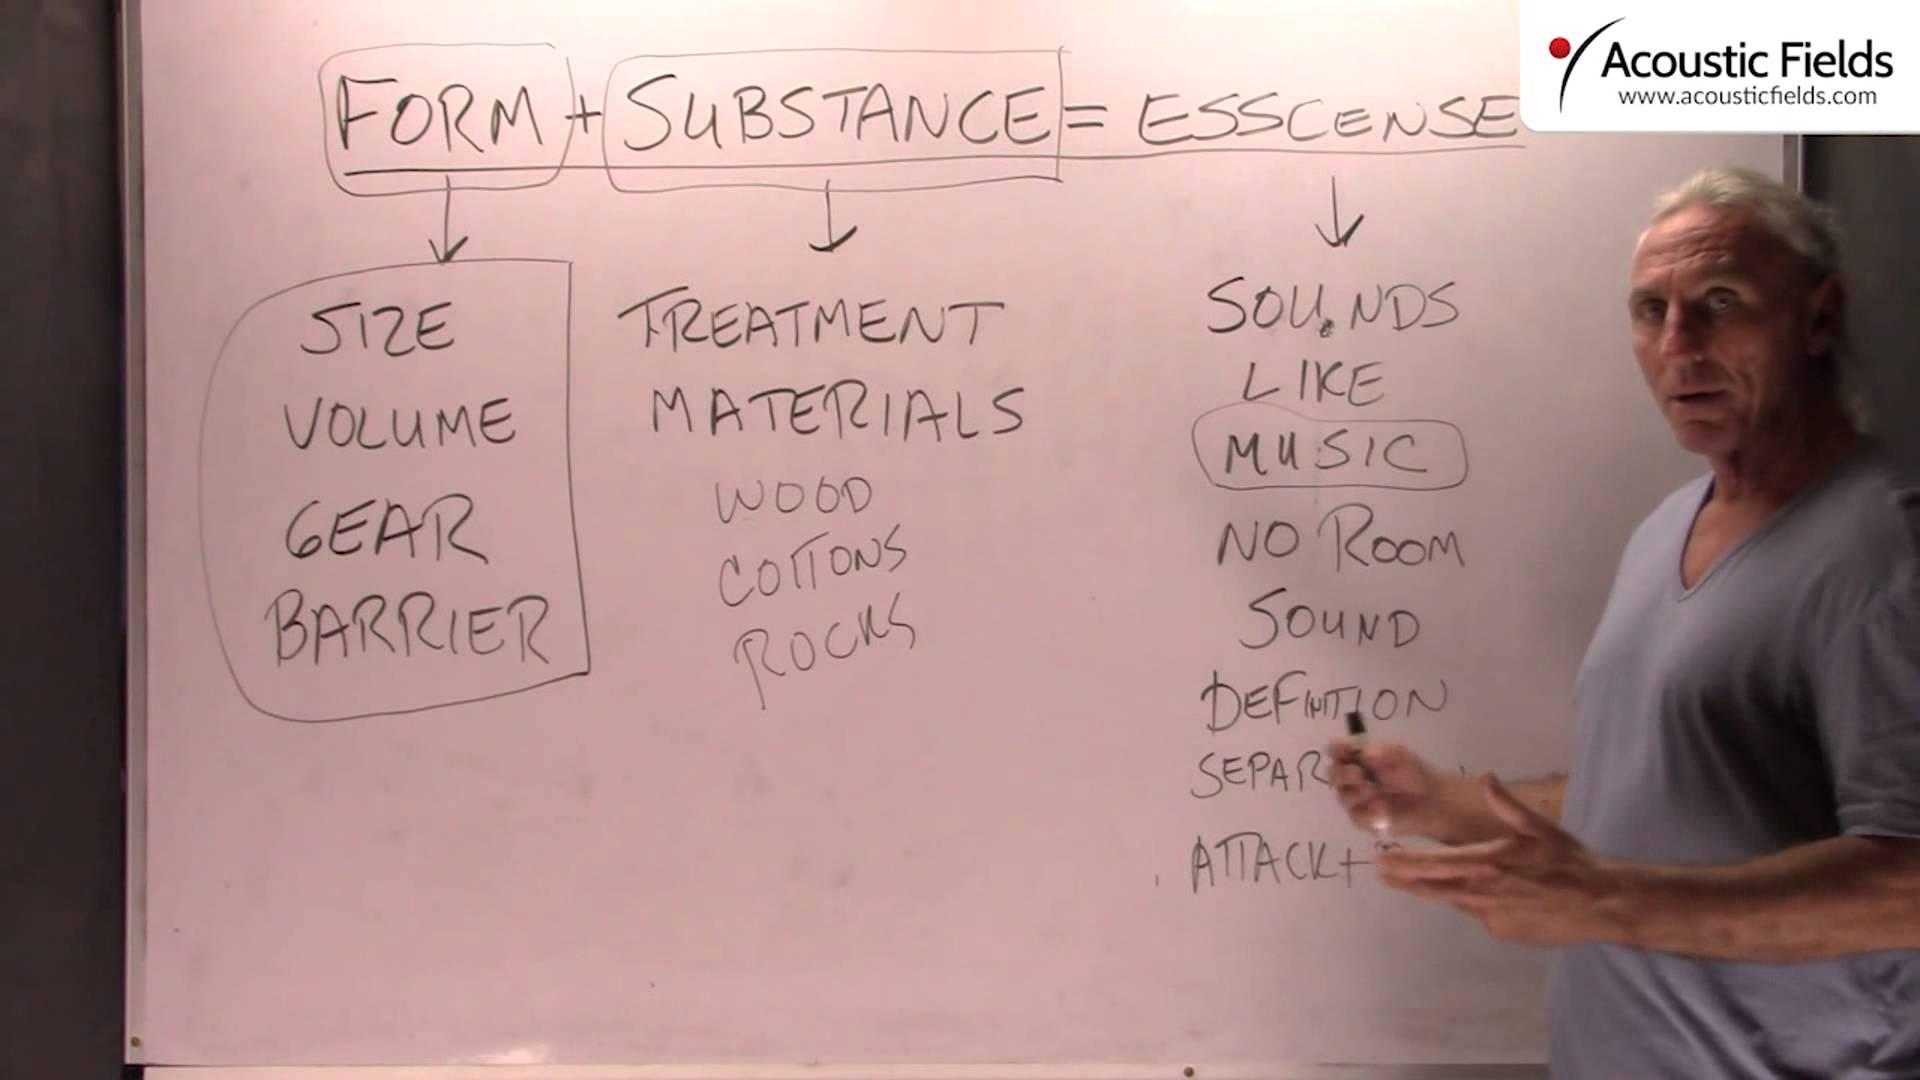 Form + Substance = Essence